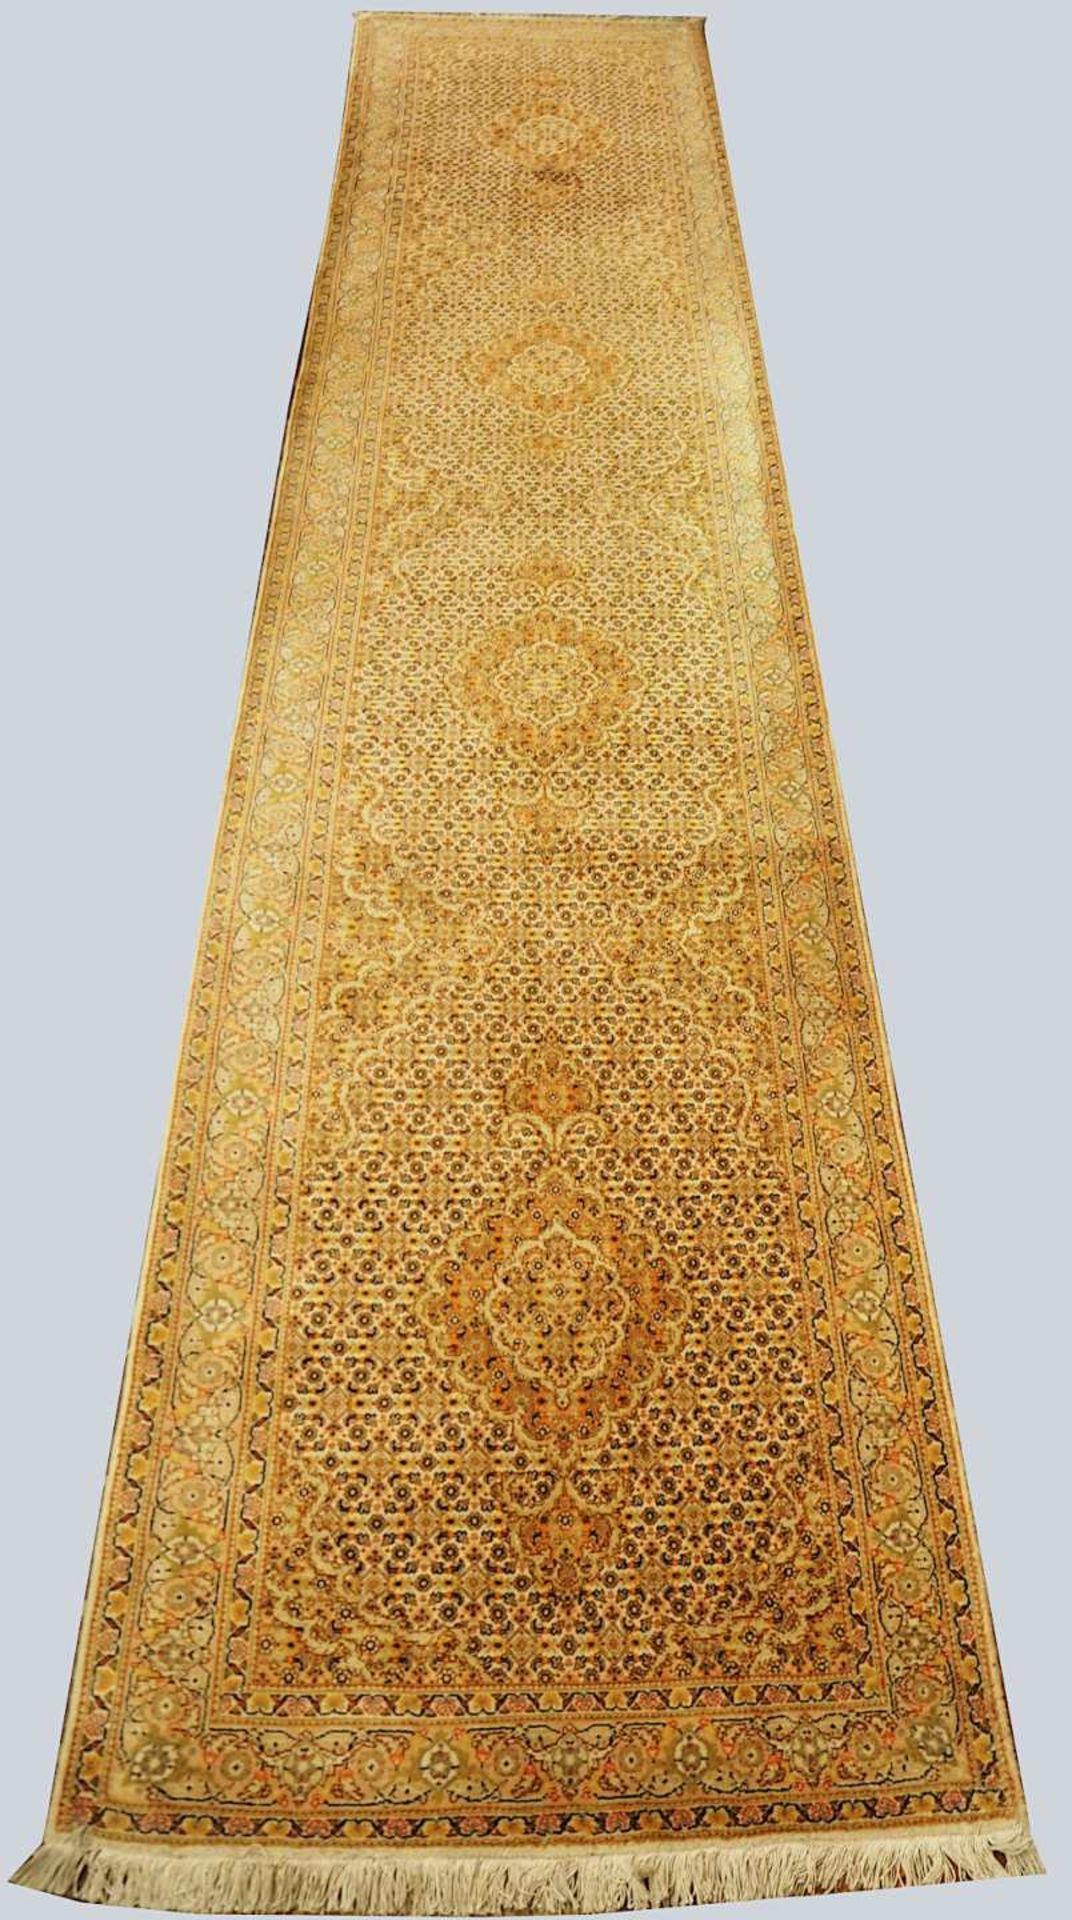 1 Orientgalerie Iran in Rosé-Tönen, 20. Jh. Mittelfeld mit Medaillonreihung und klei - Bild 2 aus 3